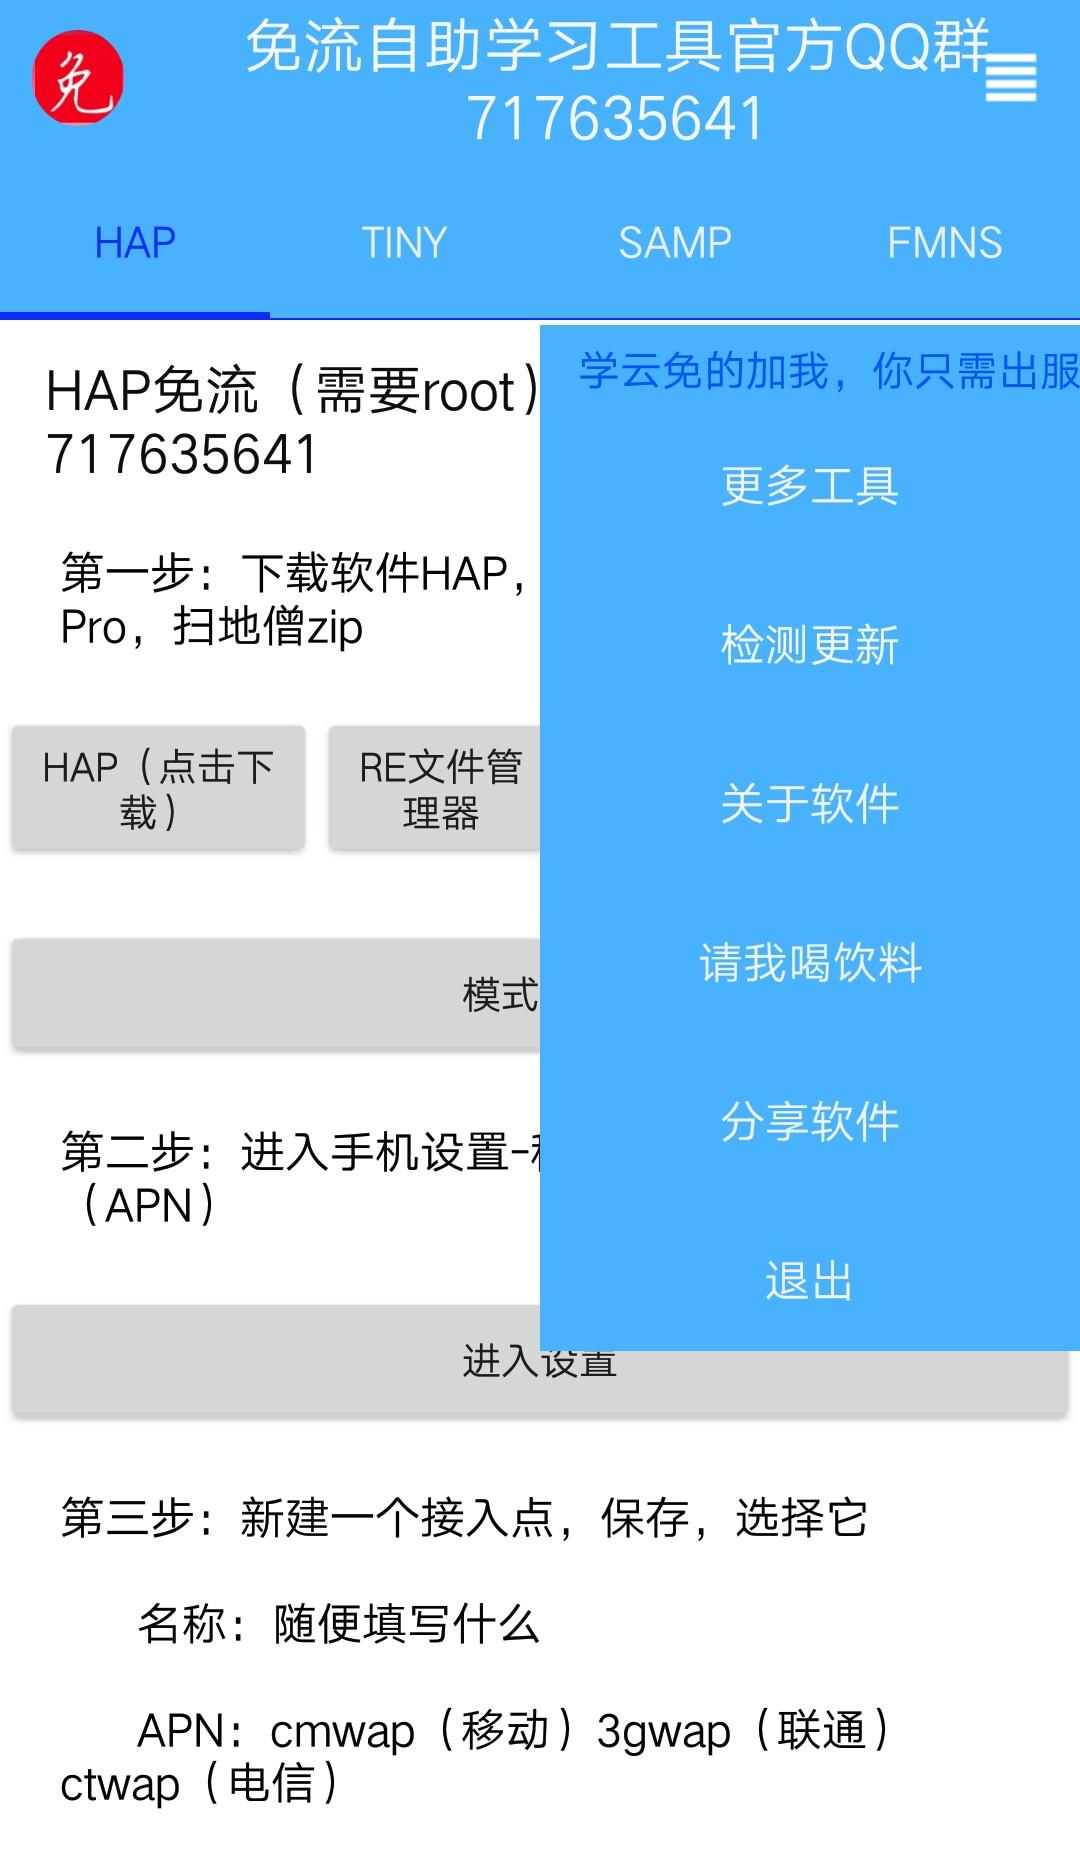 安卓APP自助免流工具多种免流学习